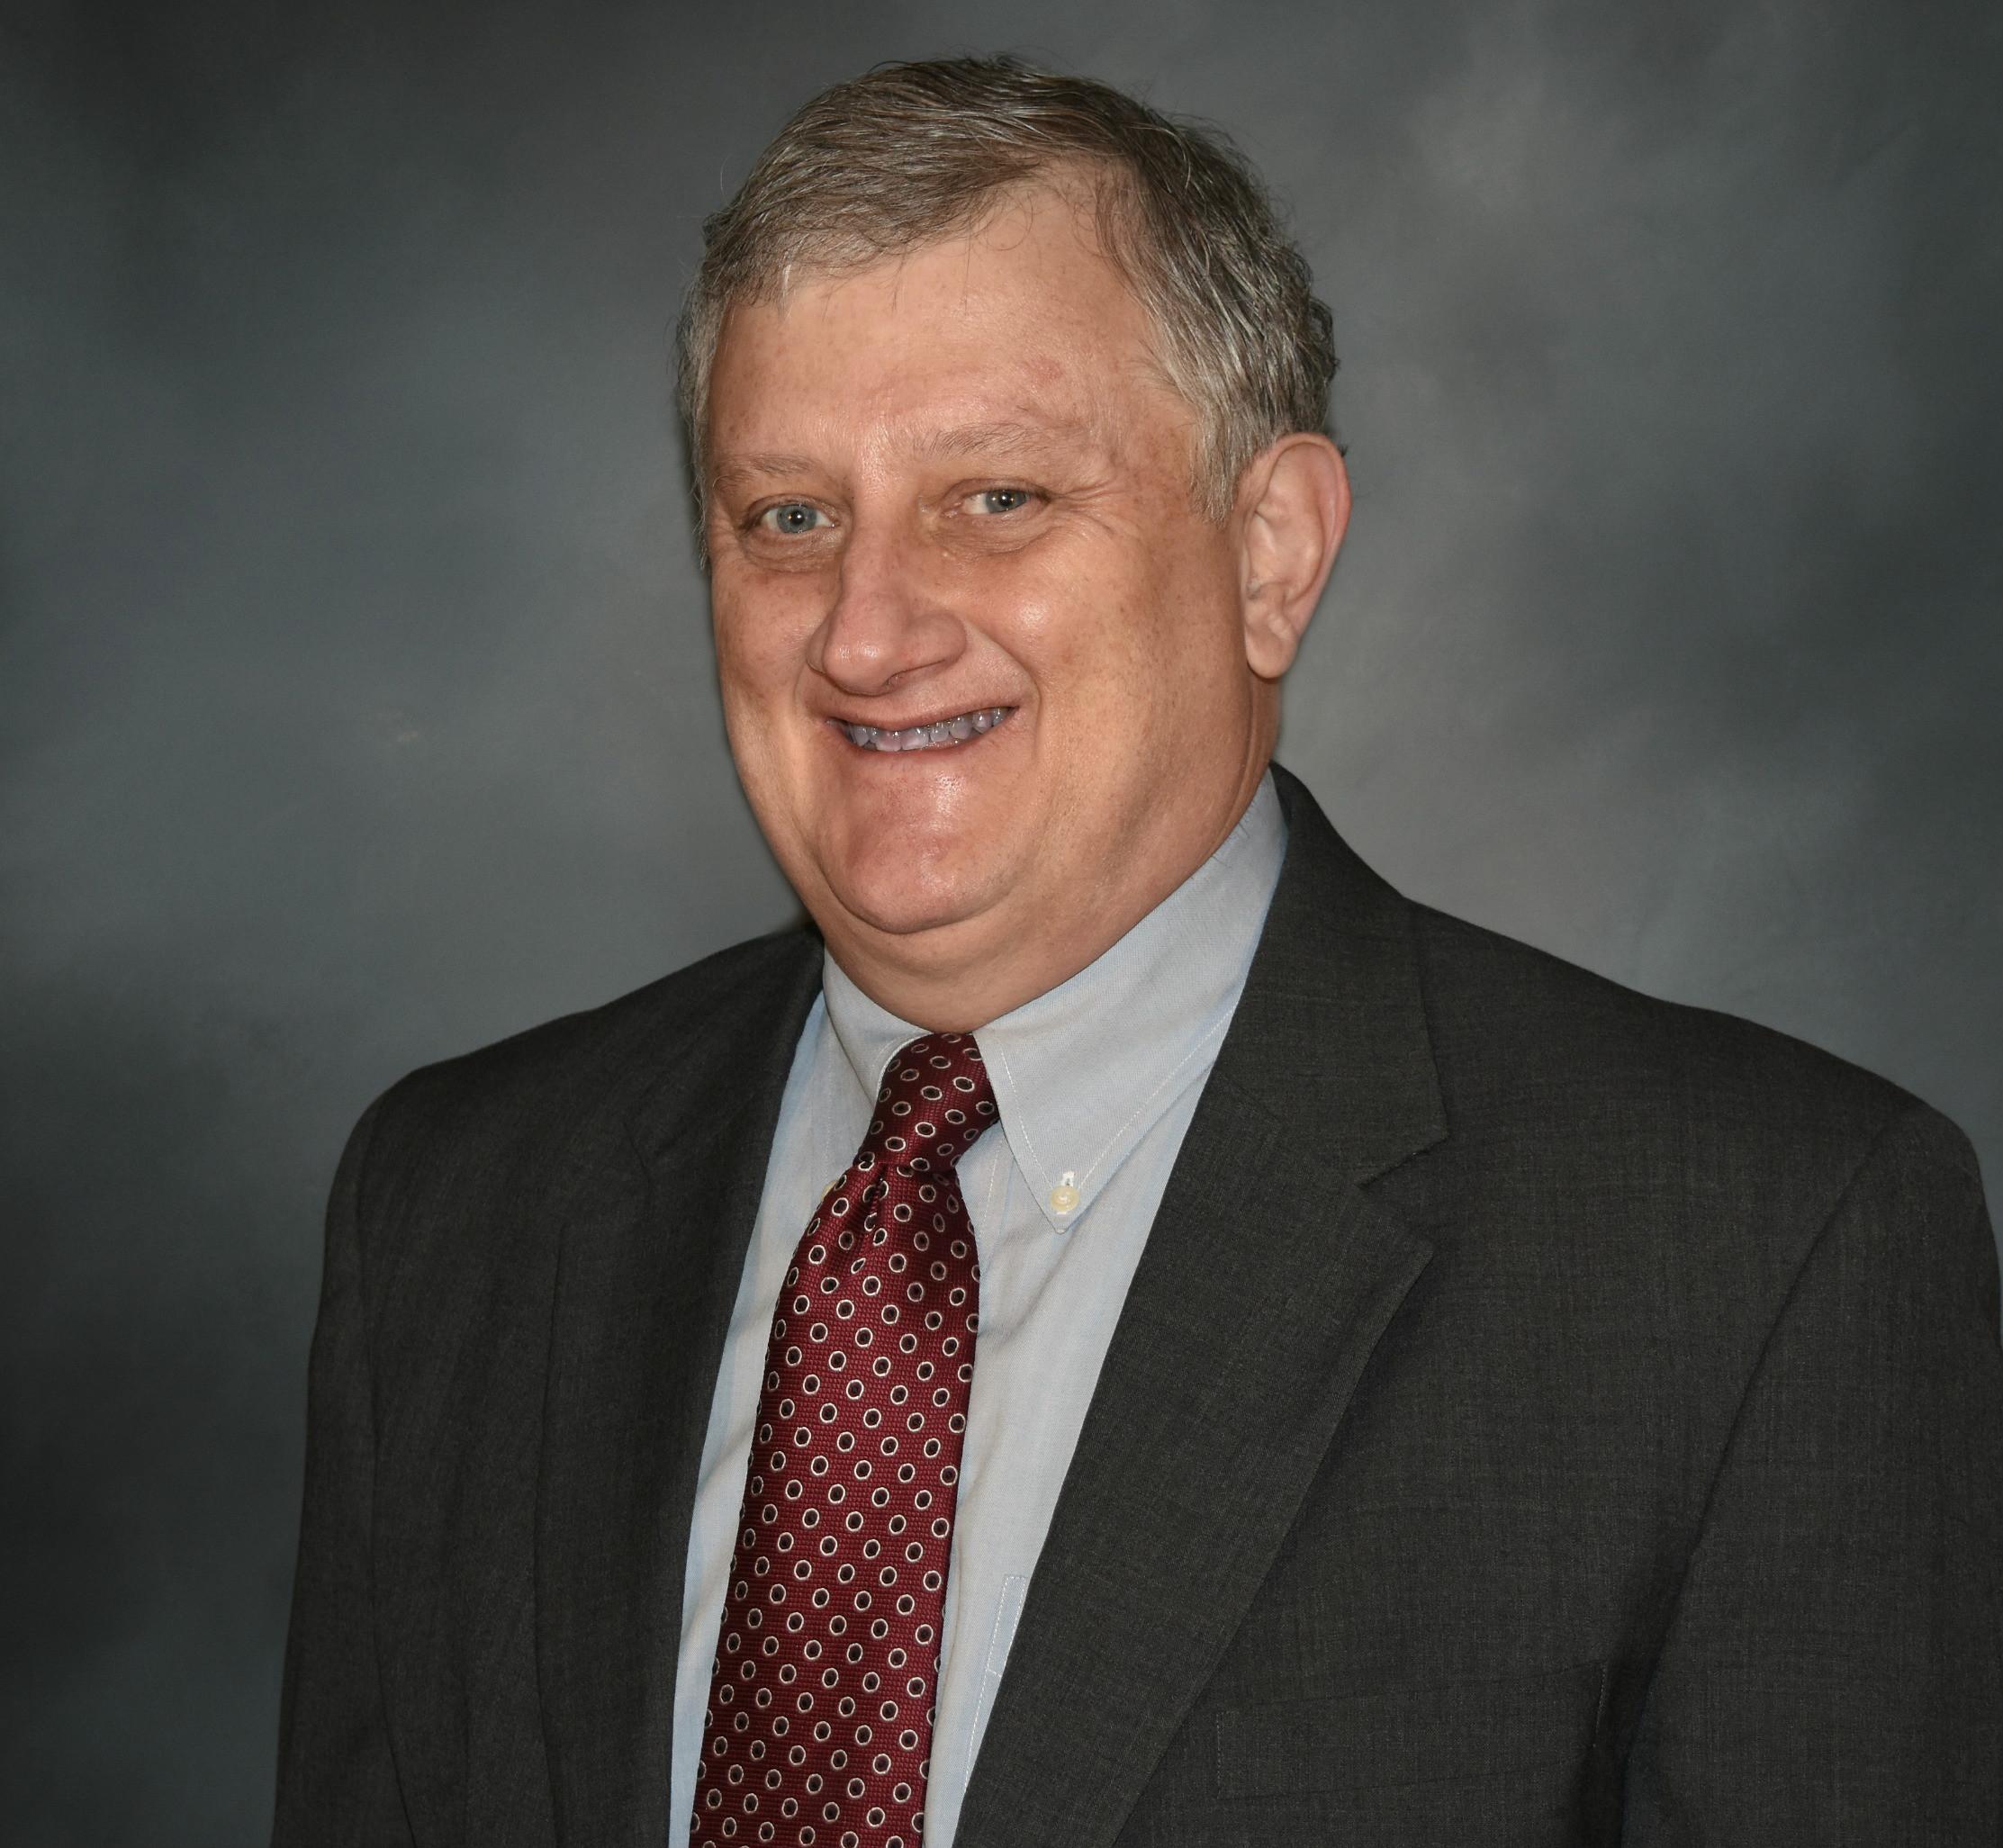 Jackson O'Keefe, LLP